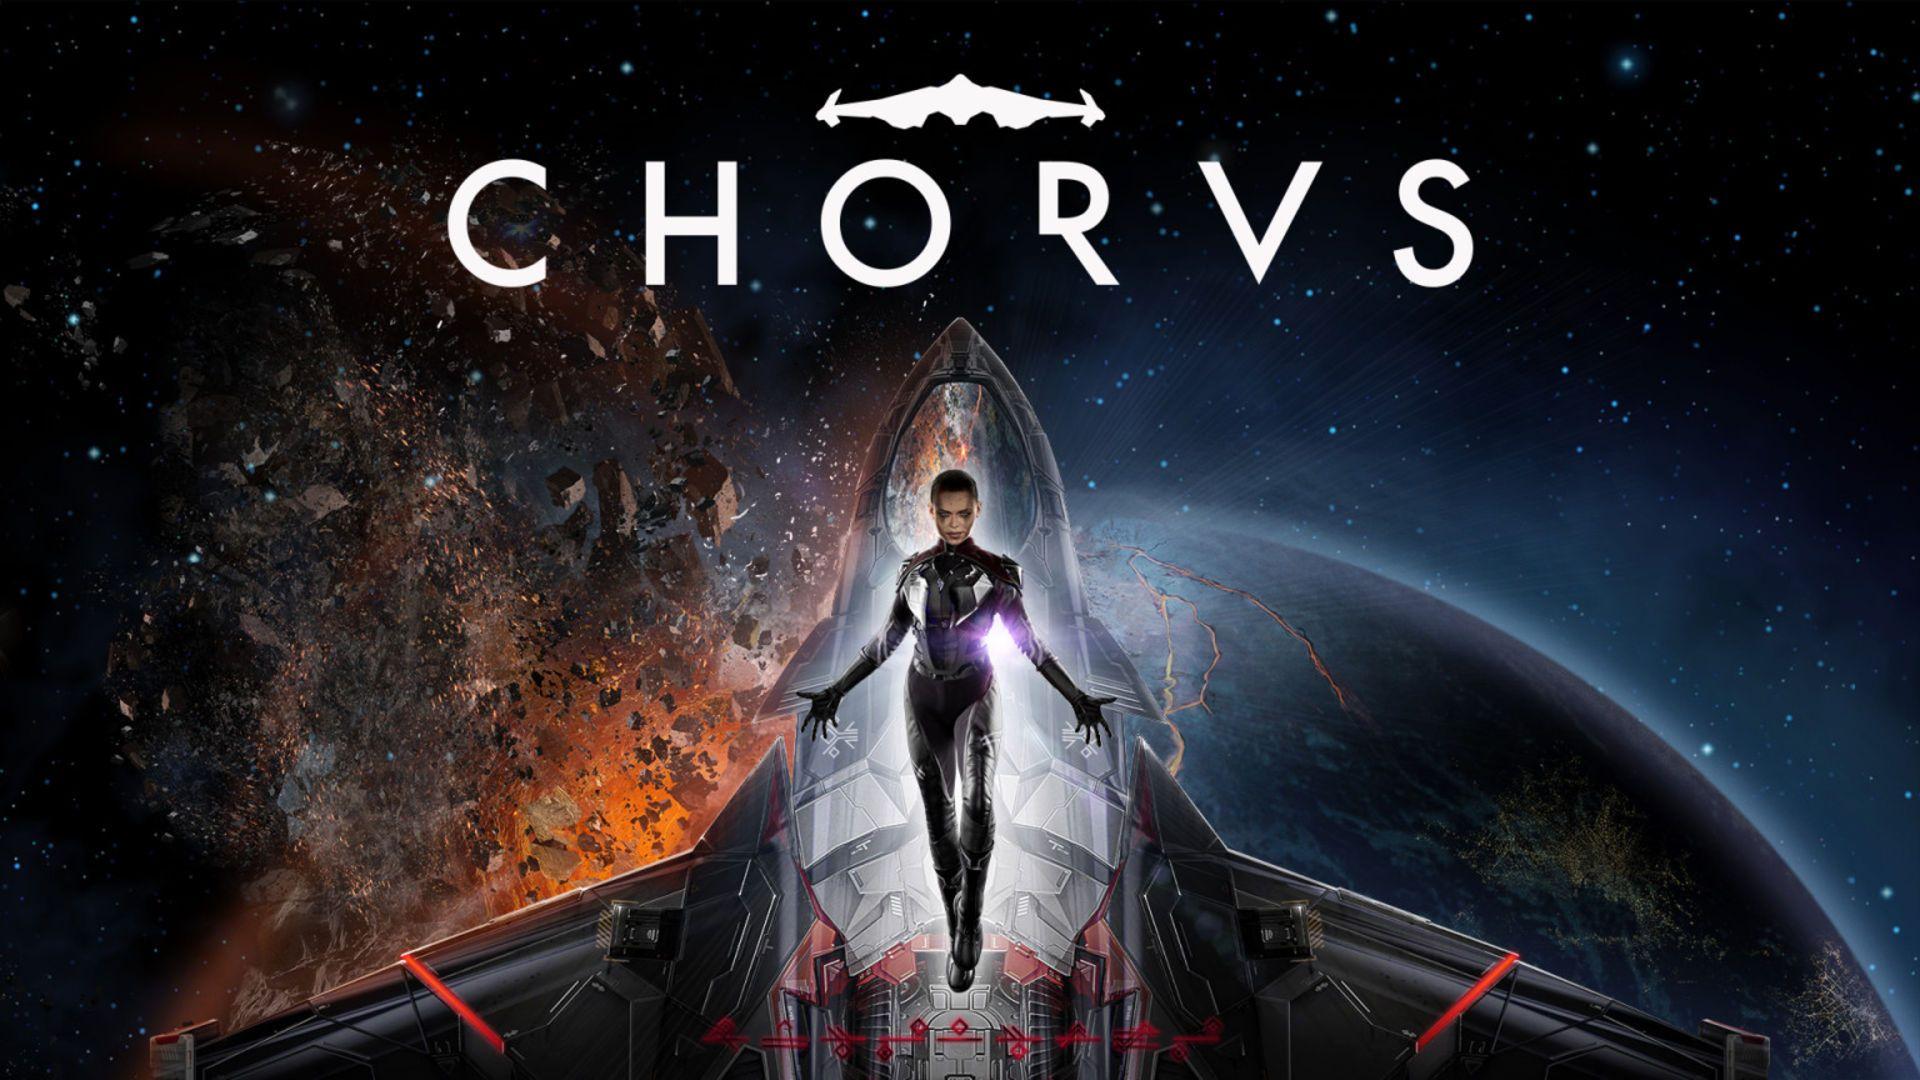 Chorus Novo game chegará para Xbox Series X em 2020